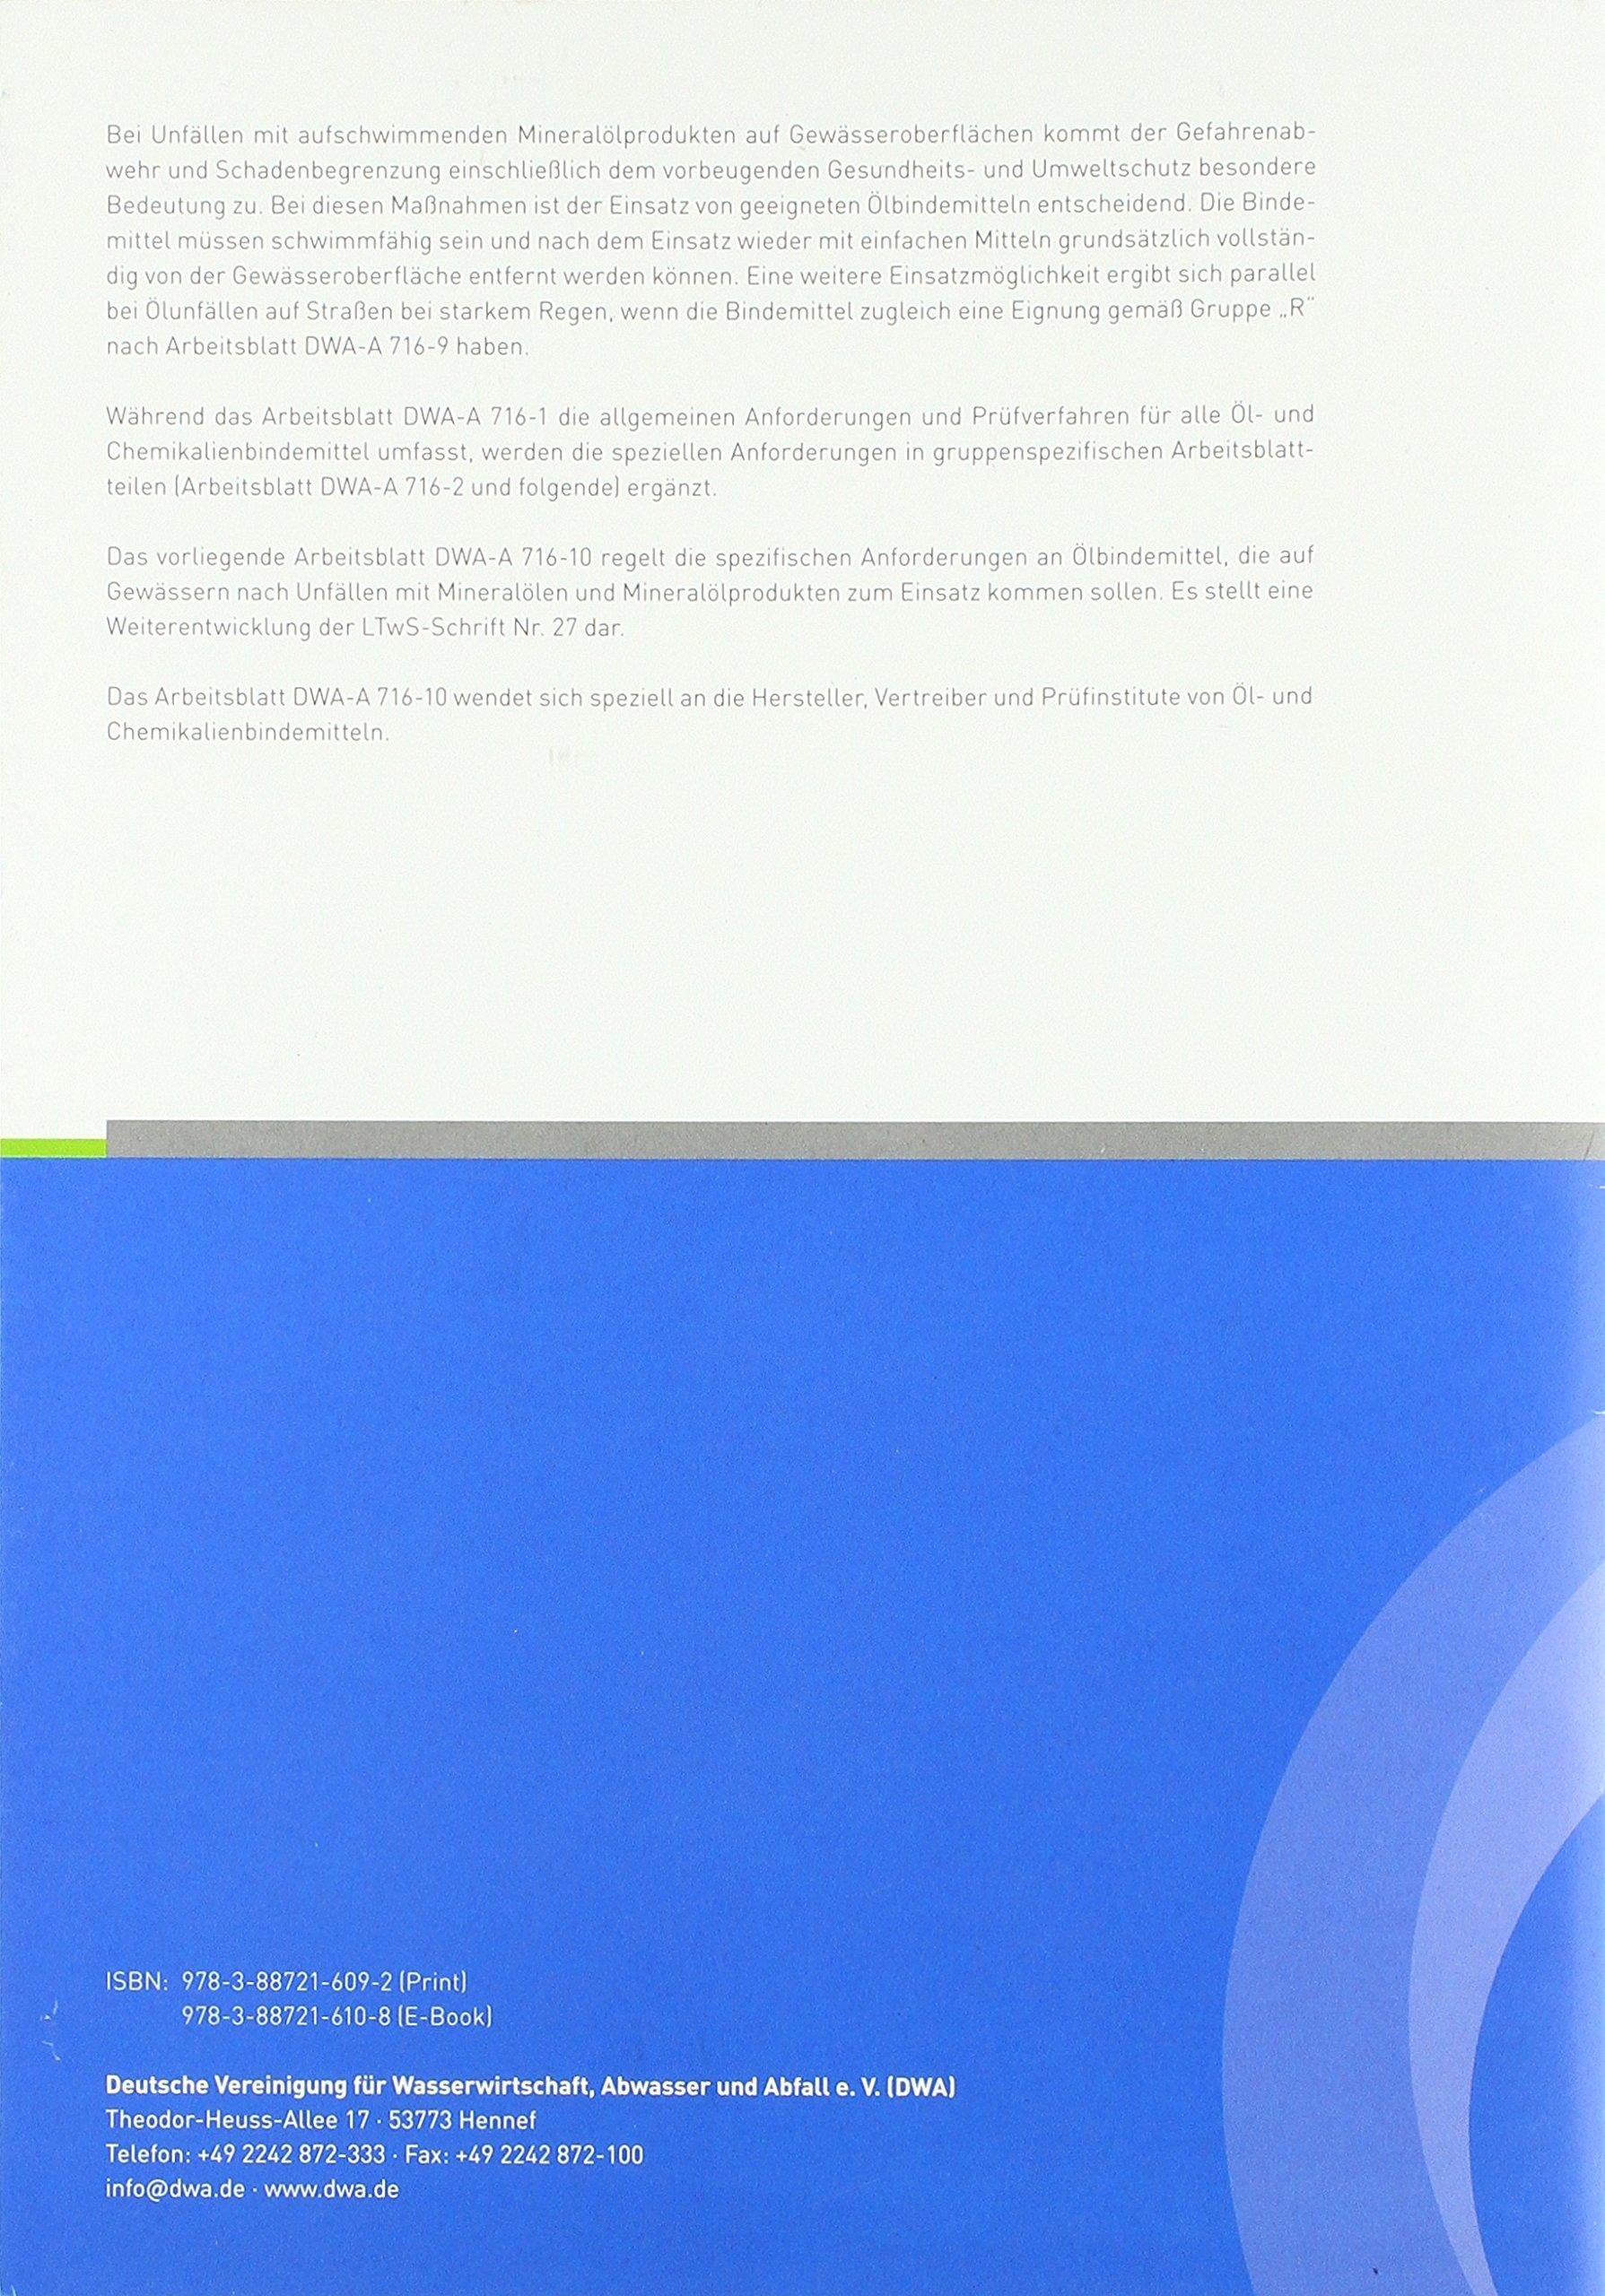 Arbeitsblatt DWA-A 716-10 Öl- und Chemikalienbindemittel ...